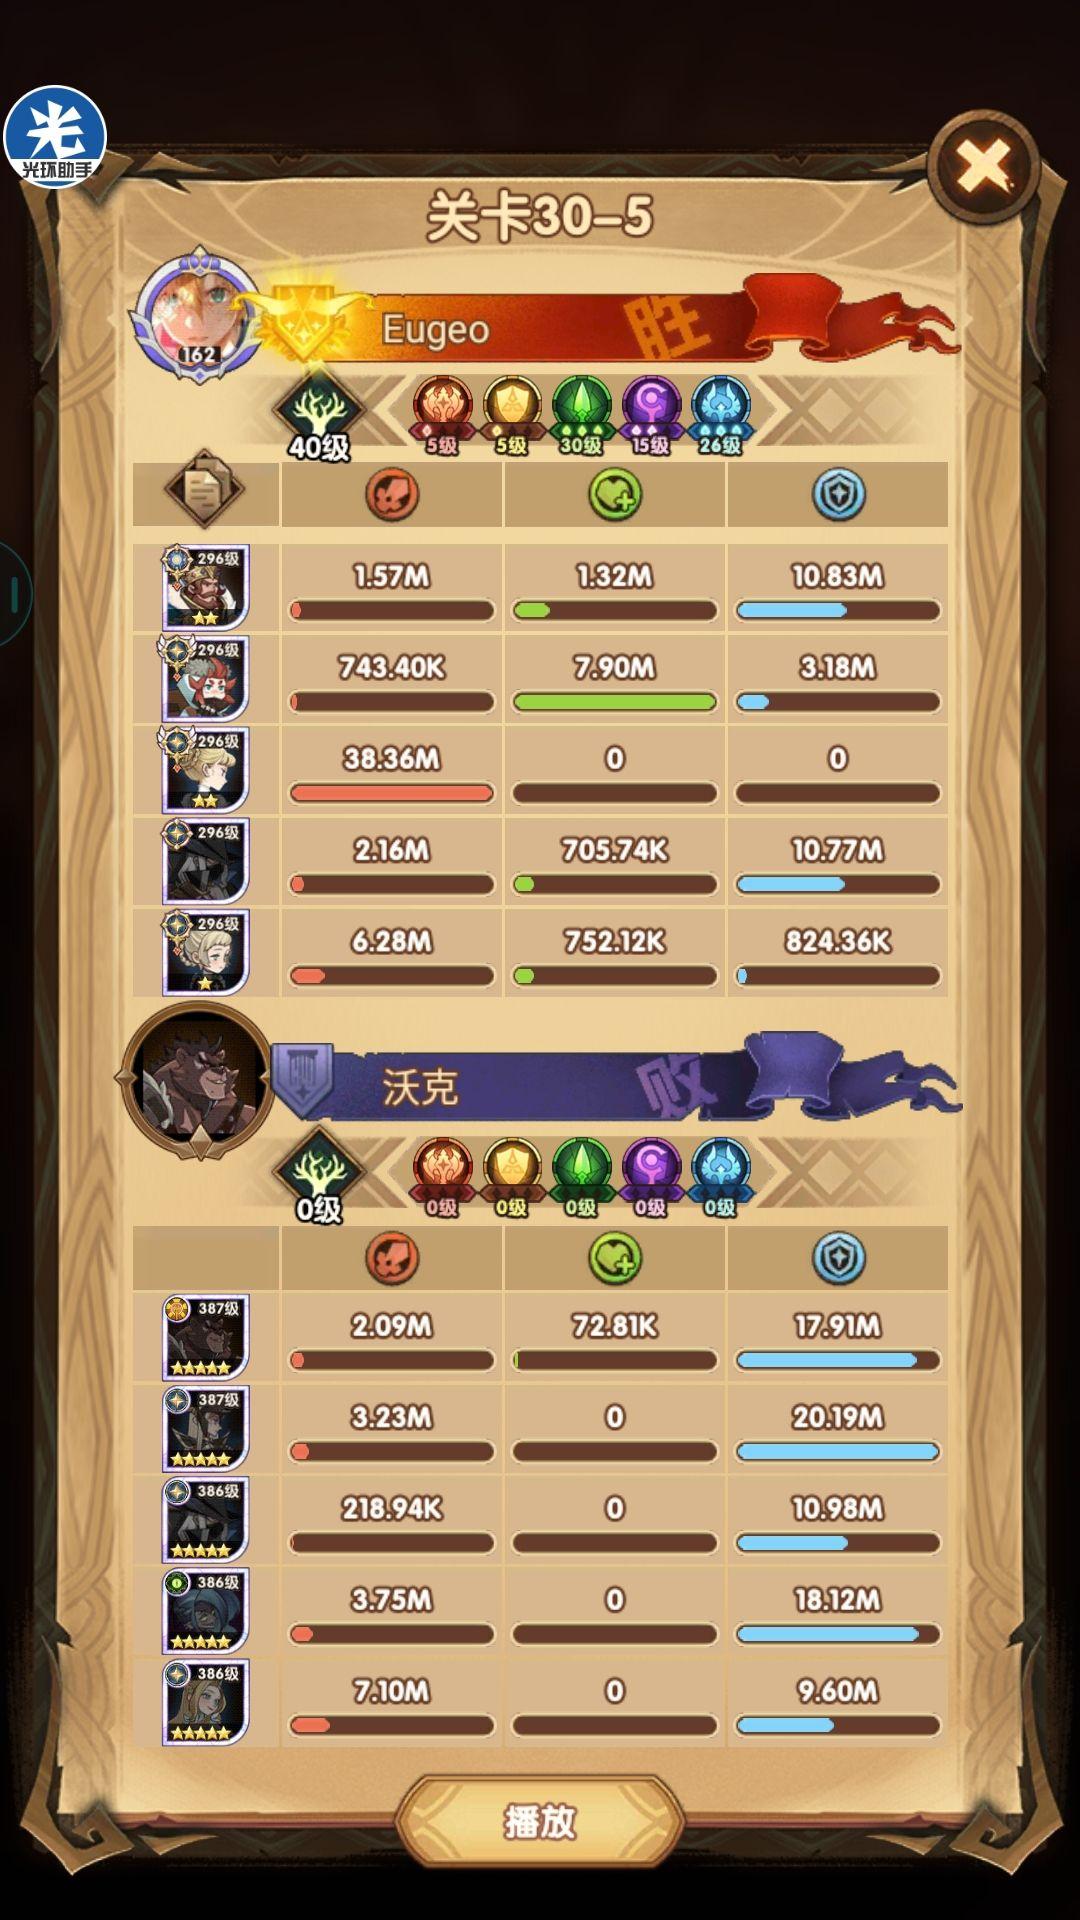 剑与远征30-5攻略 30-5阵容搭配及玩法分享